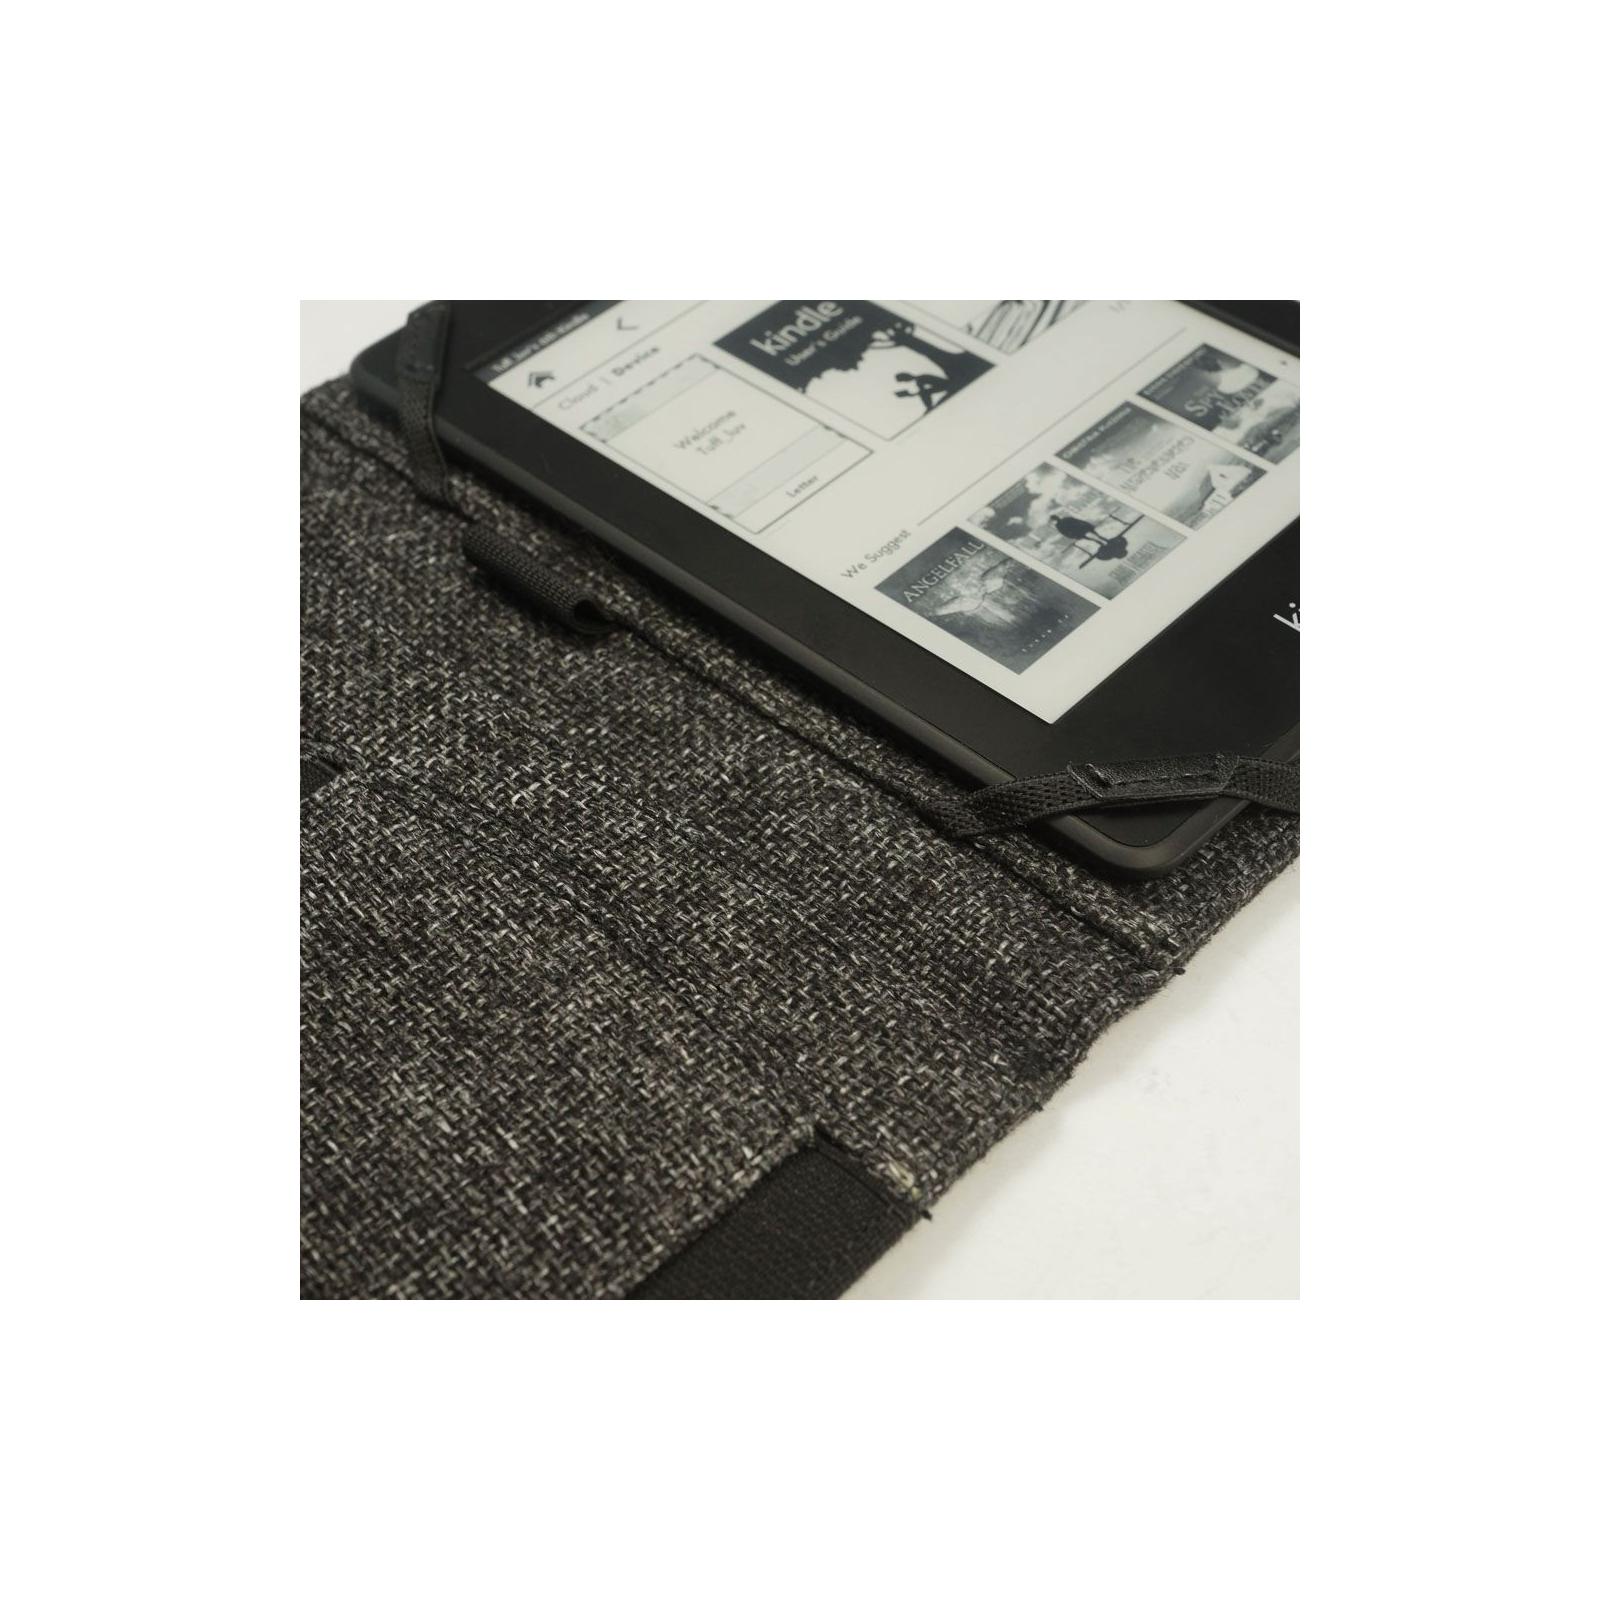 Чехол для электронной книги Tuff-Luv 6 Embrace Plus Hemp Charcoal Black (I3_16) изображение 6